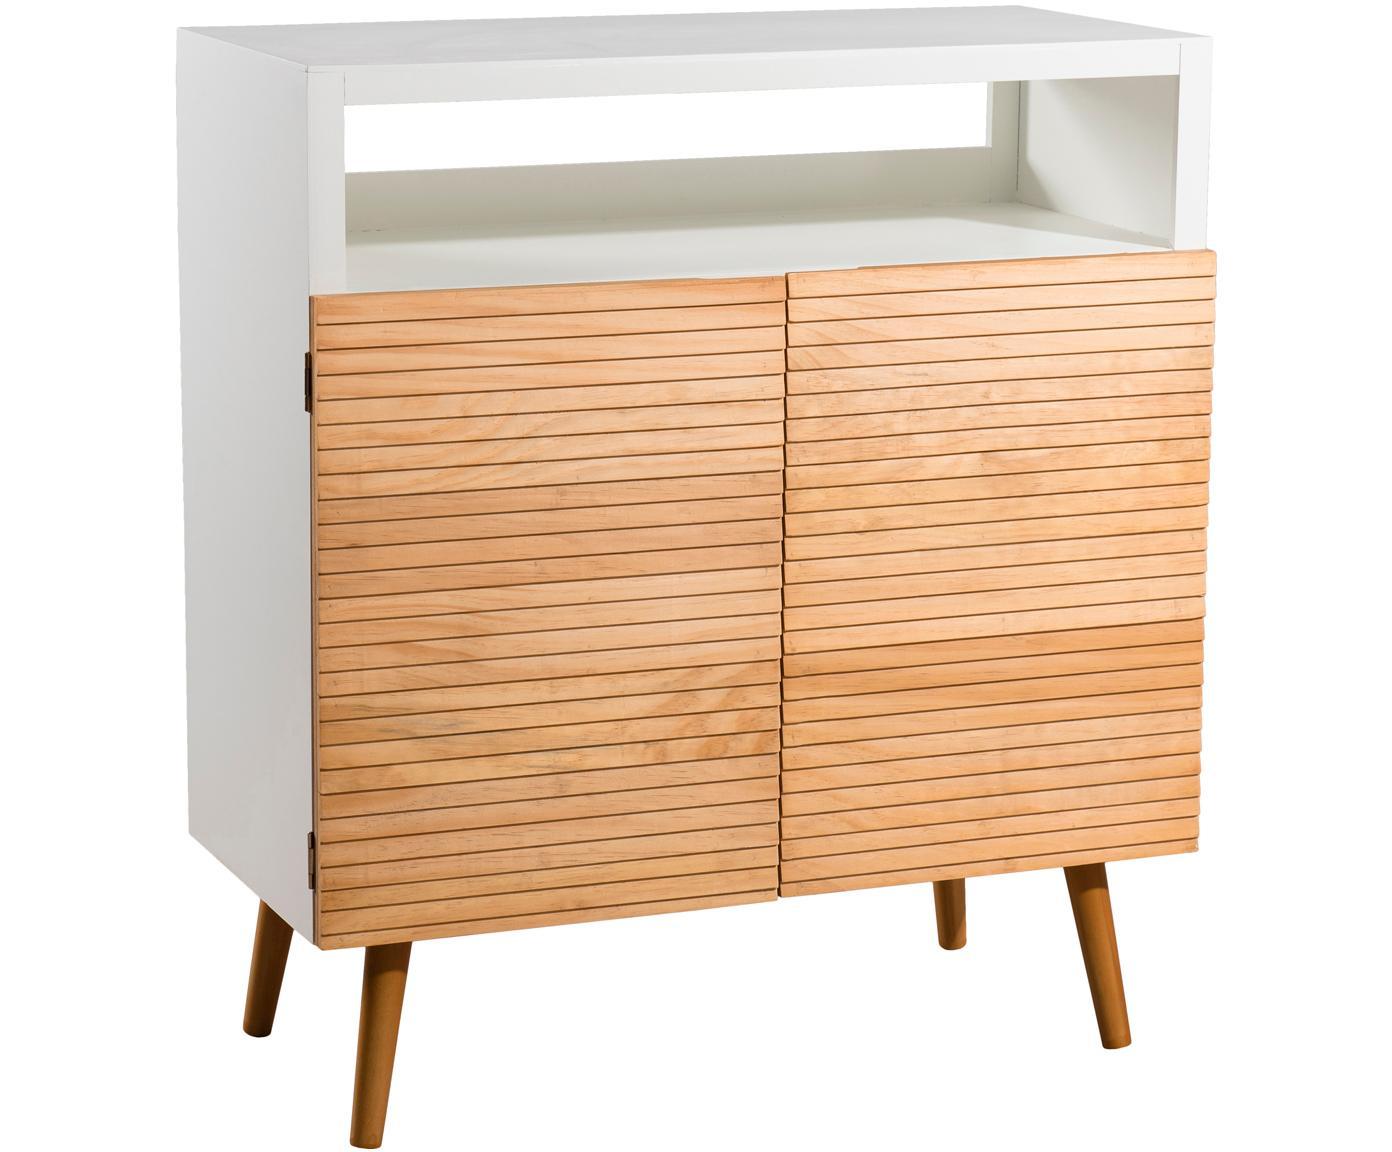 Credenza Pedro, Bianco, legno di pino, Larg. 80 x Alt. 89 cm